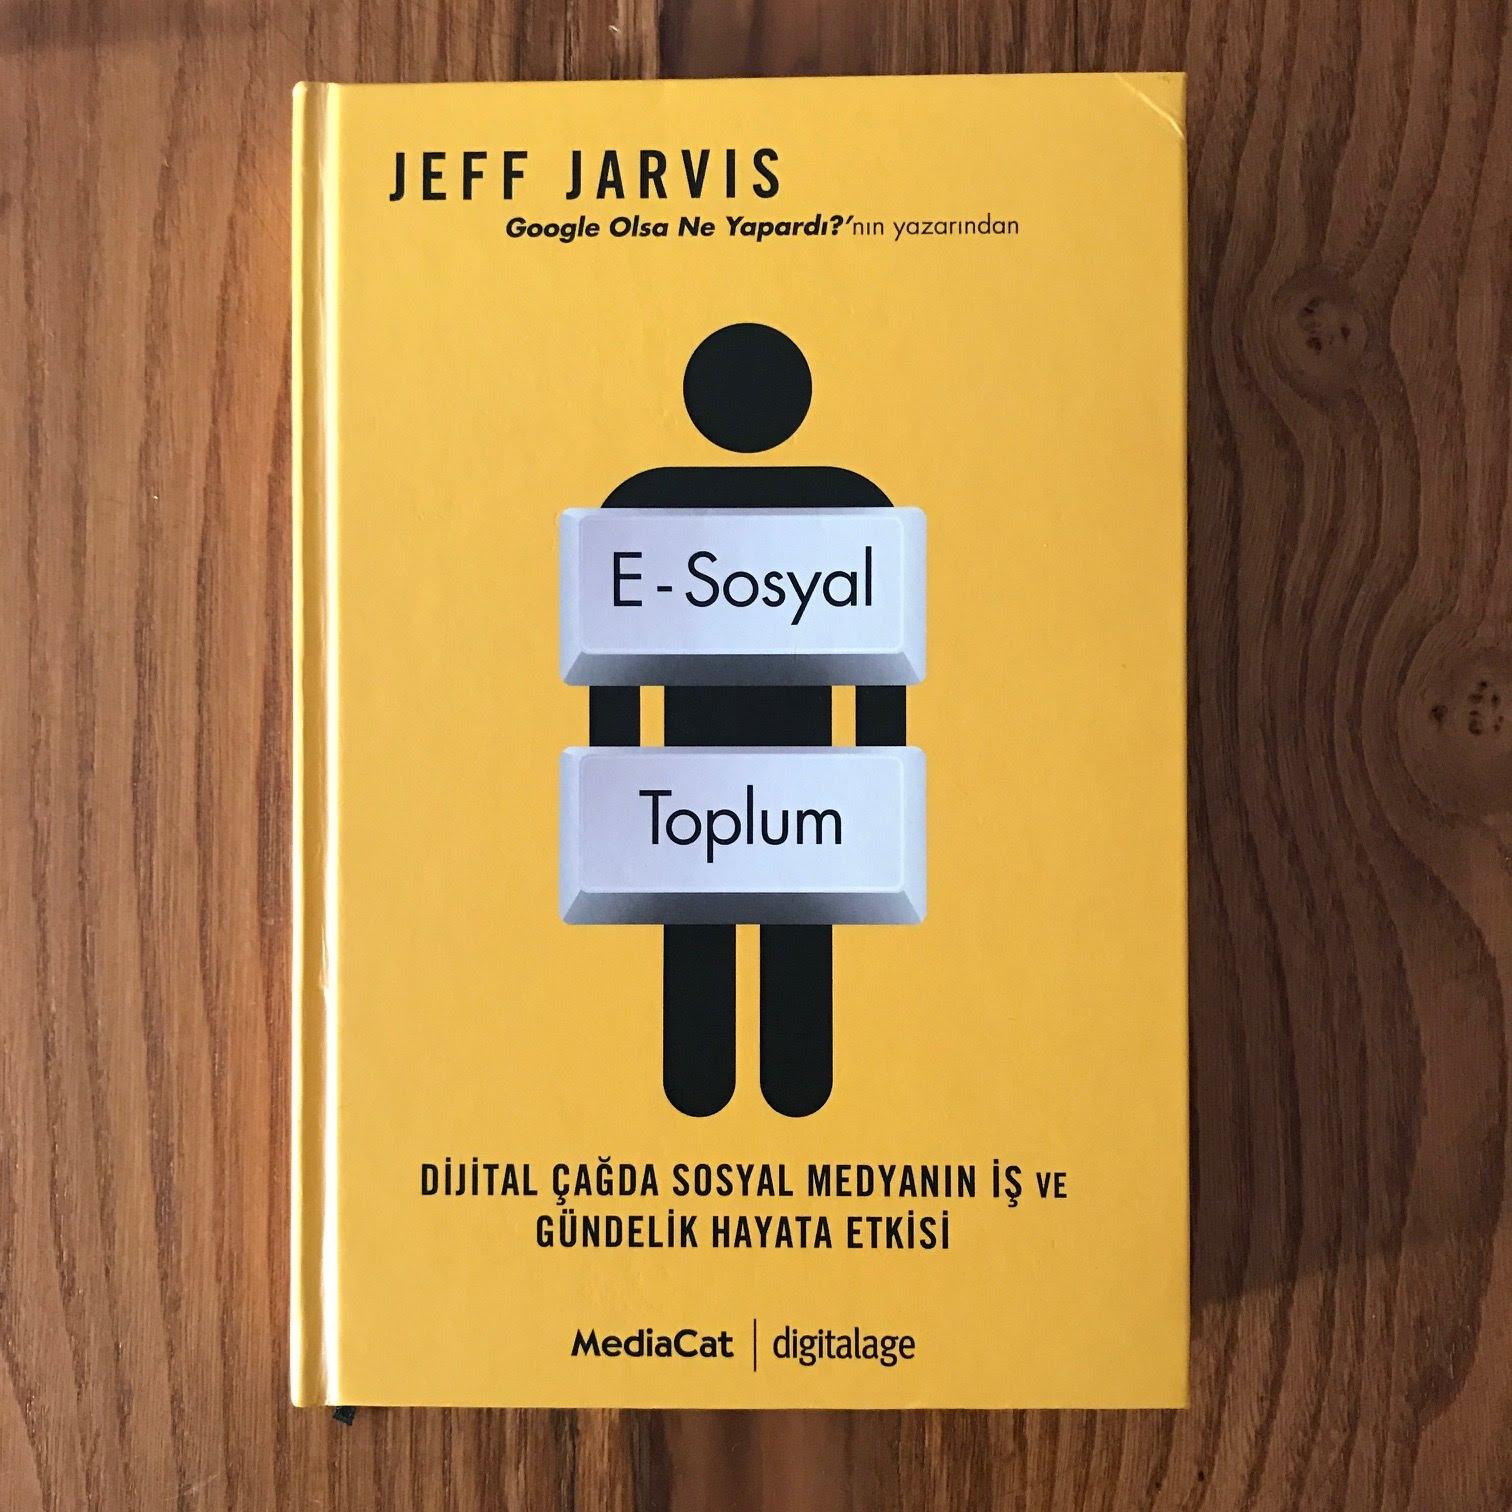 E-Sosyal Toplum - Dijital Cagda Sosyal Medyanin Is ve Gundelik Hayata Etkisi (Kitap)